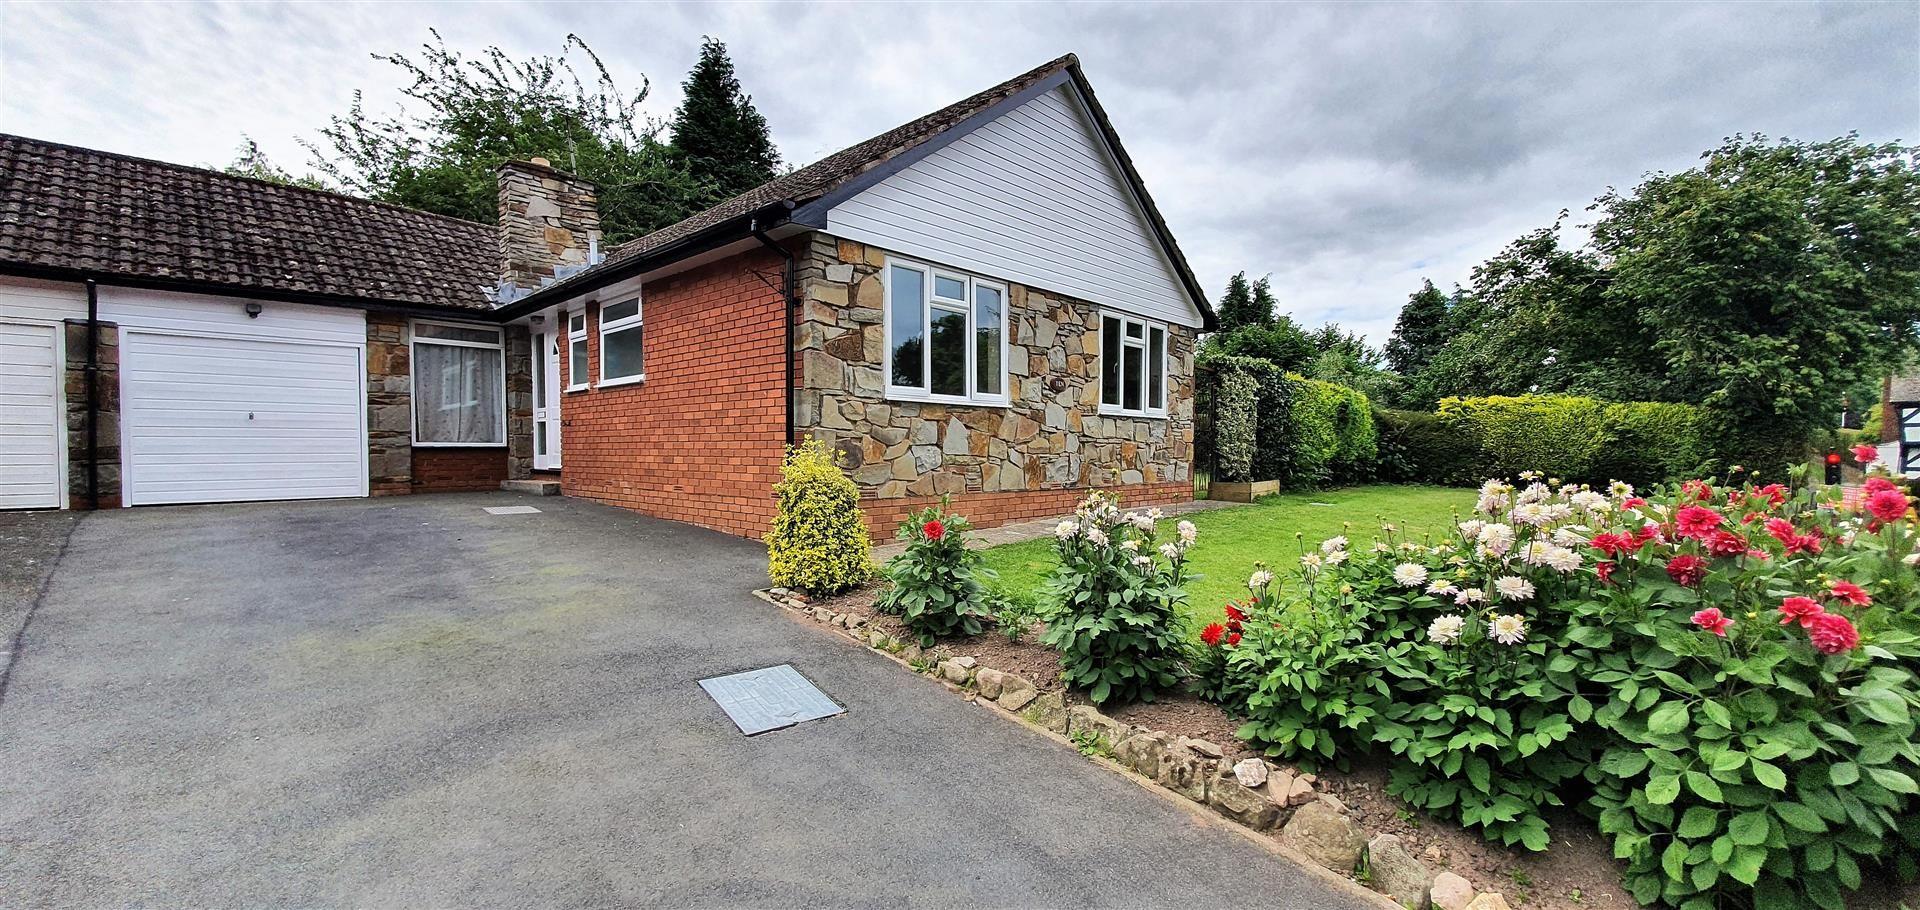 3 bed semi-detached-bungalow to rent in Pembridge, HR6